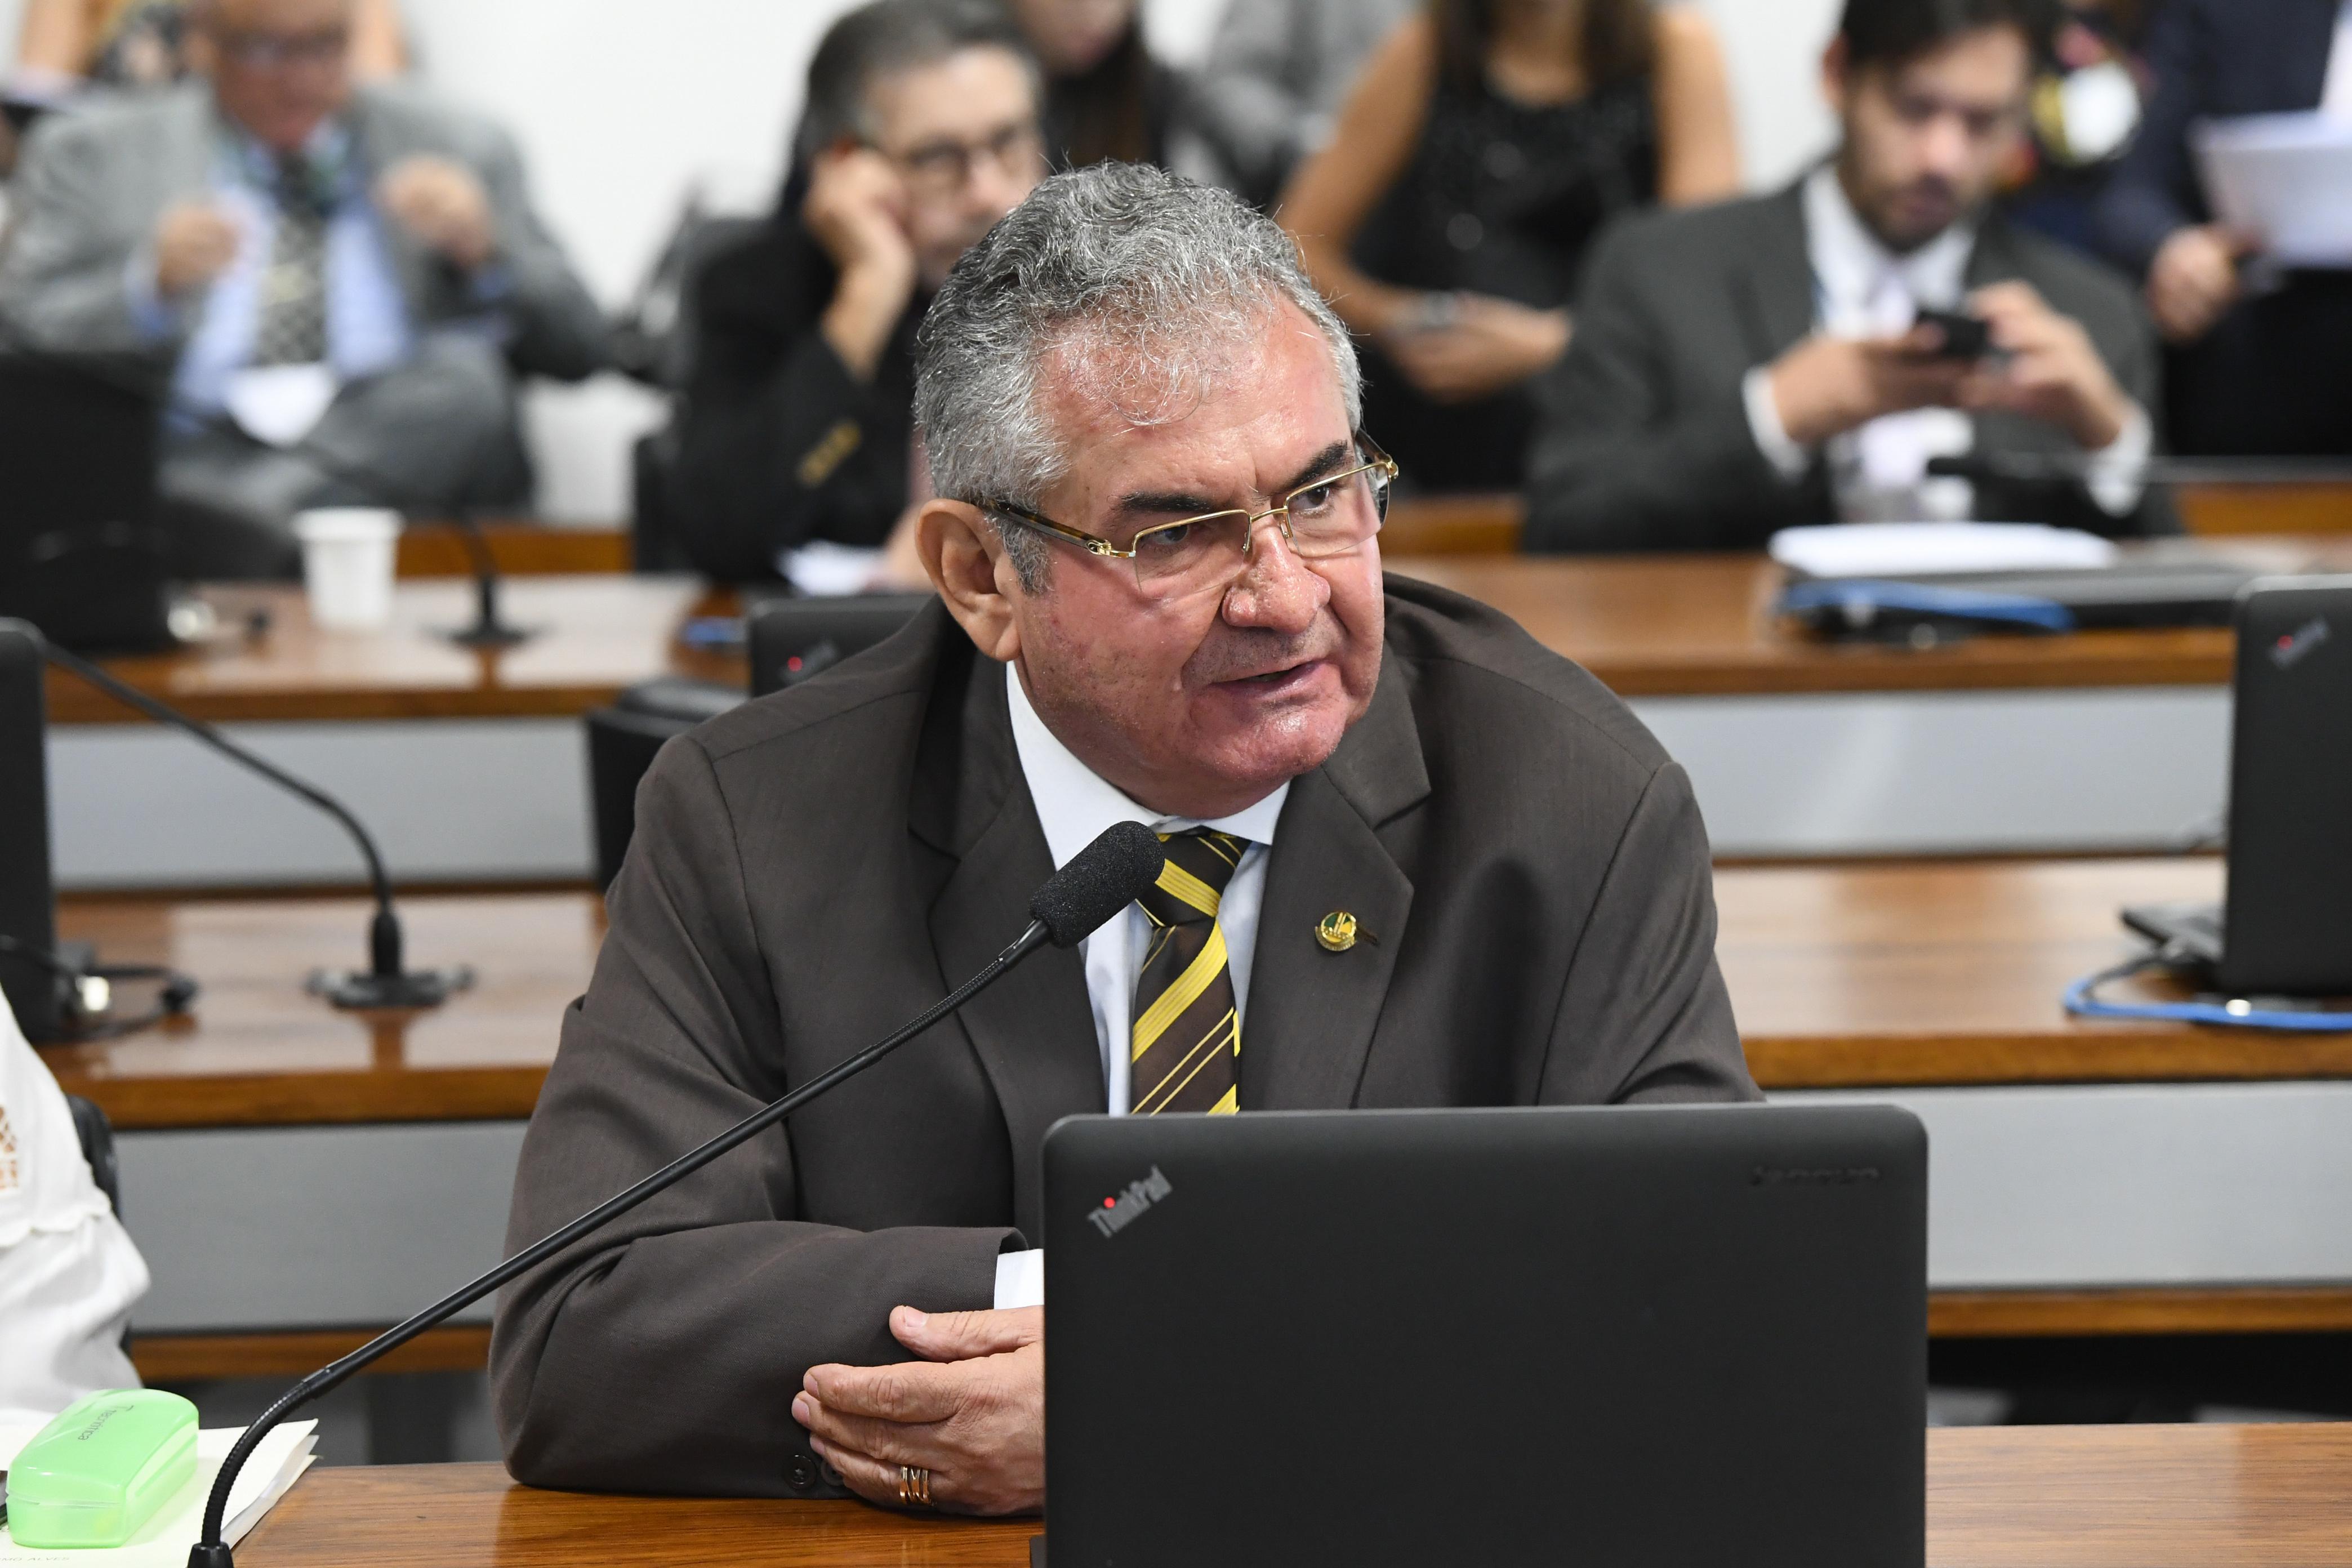 IMAGEM: Presidente da CPI das Fake News recebeu R$ 40 milhões de verba extra do governo